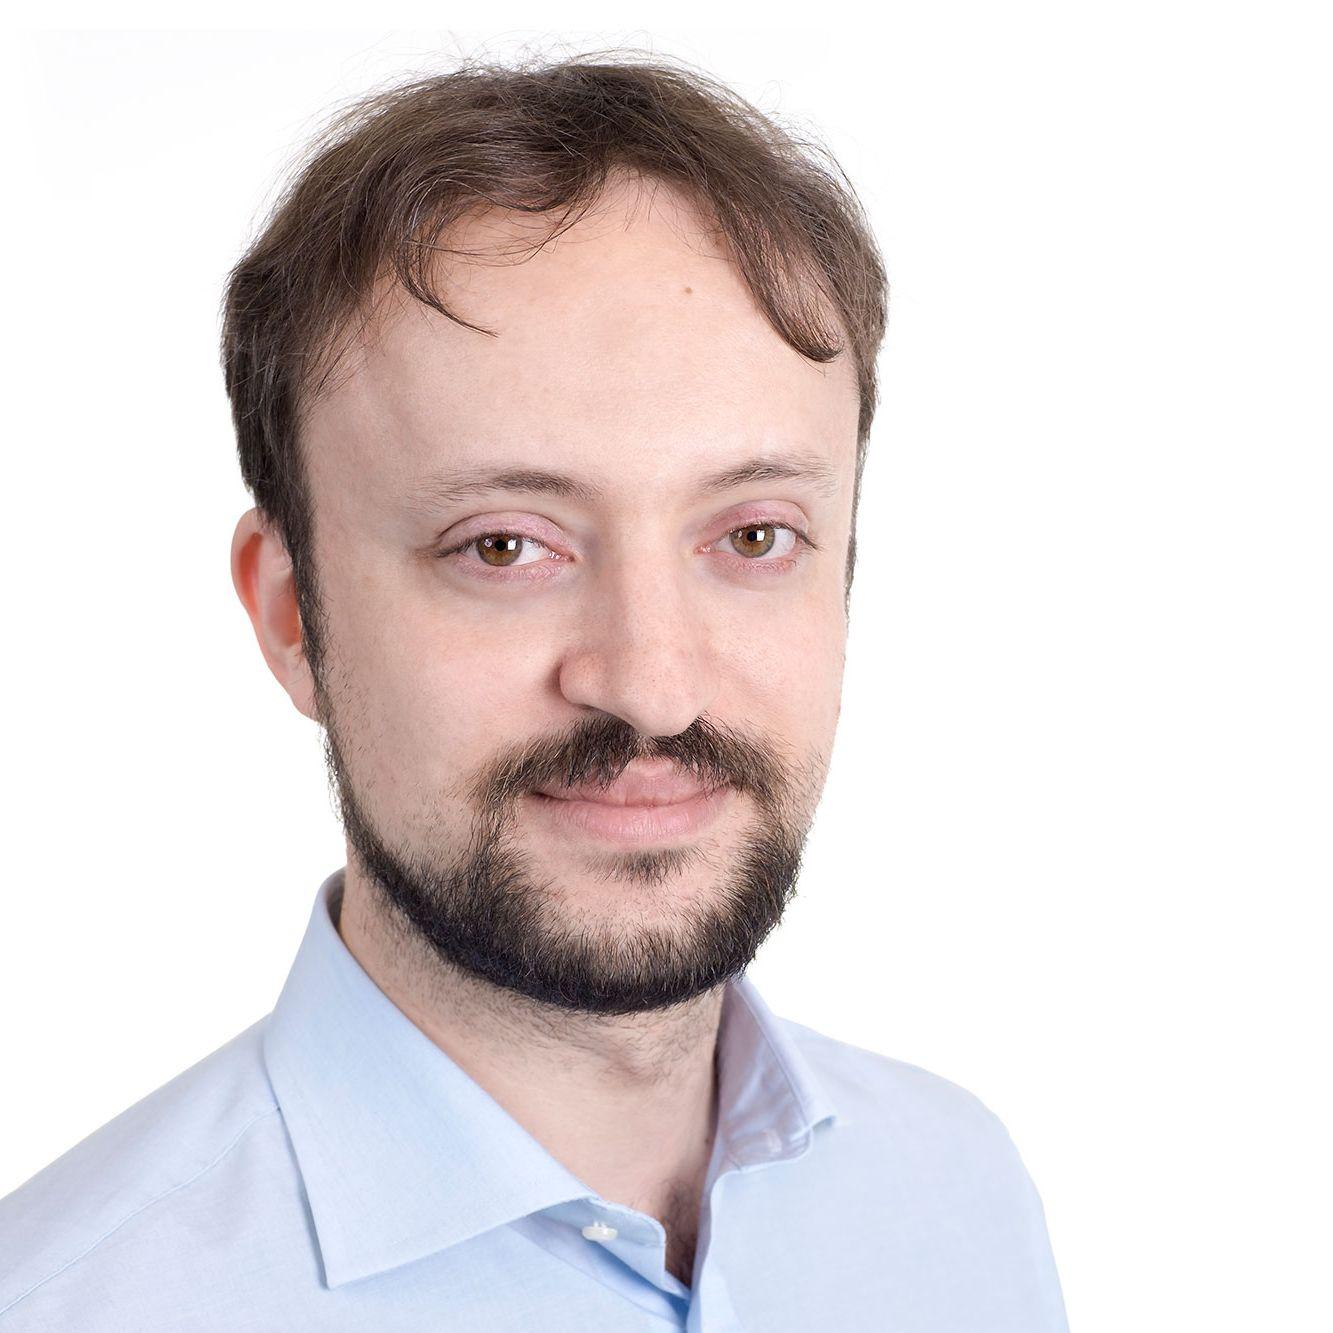 Moreno Carullo